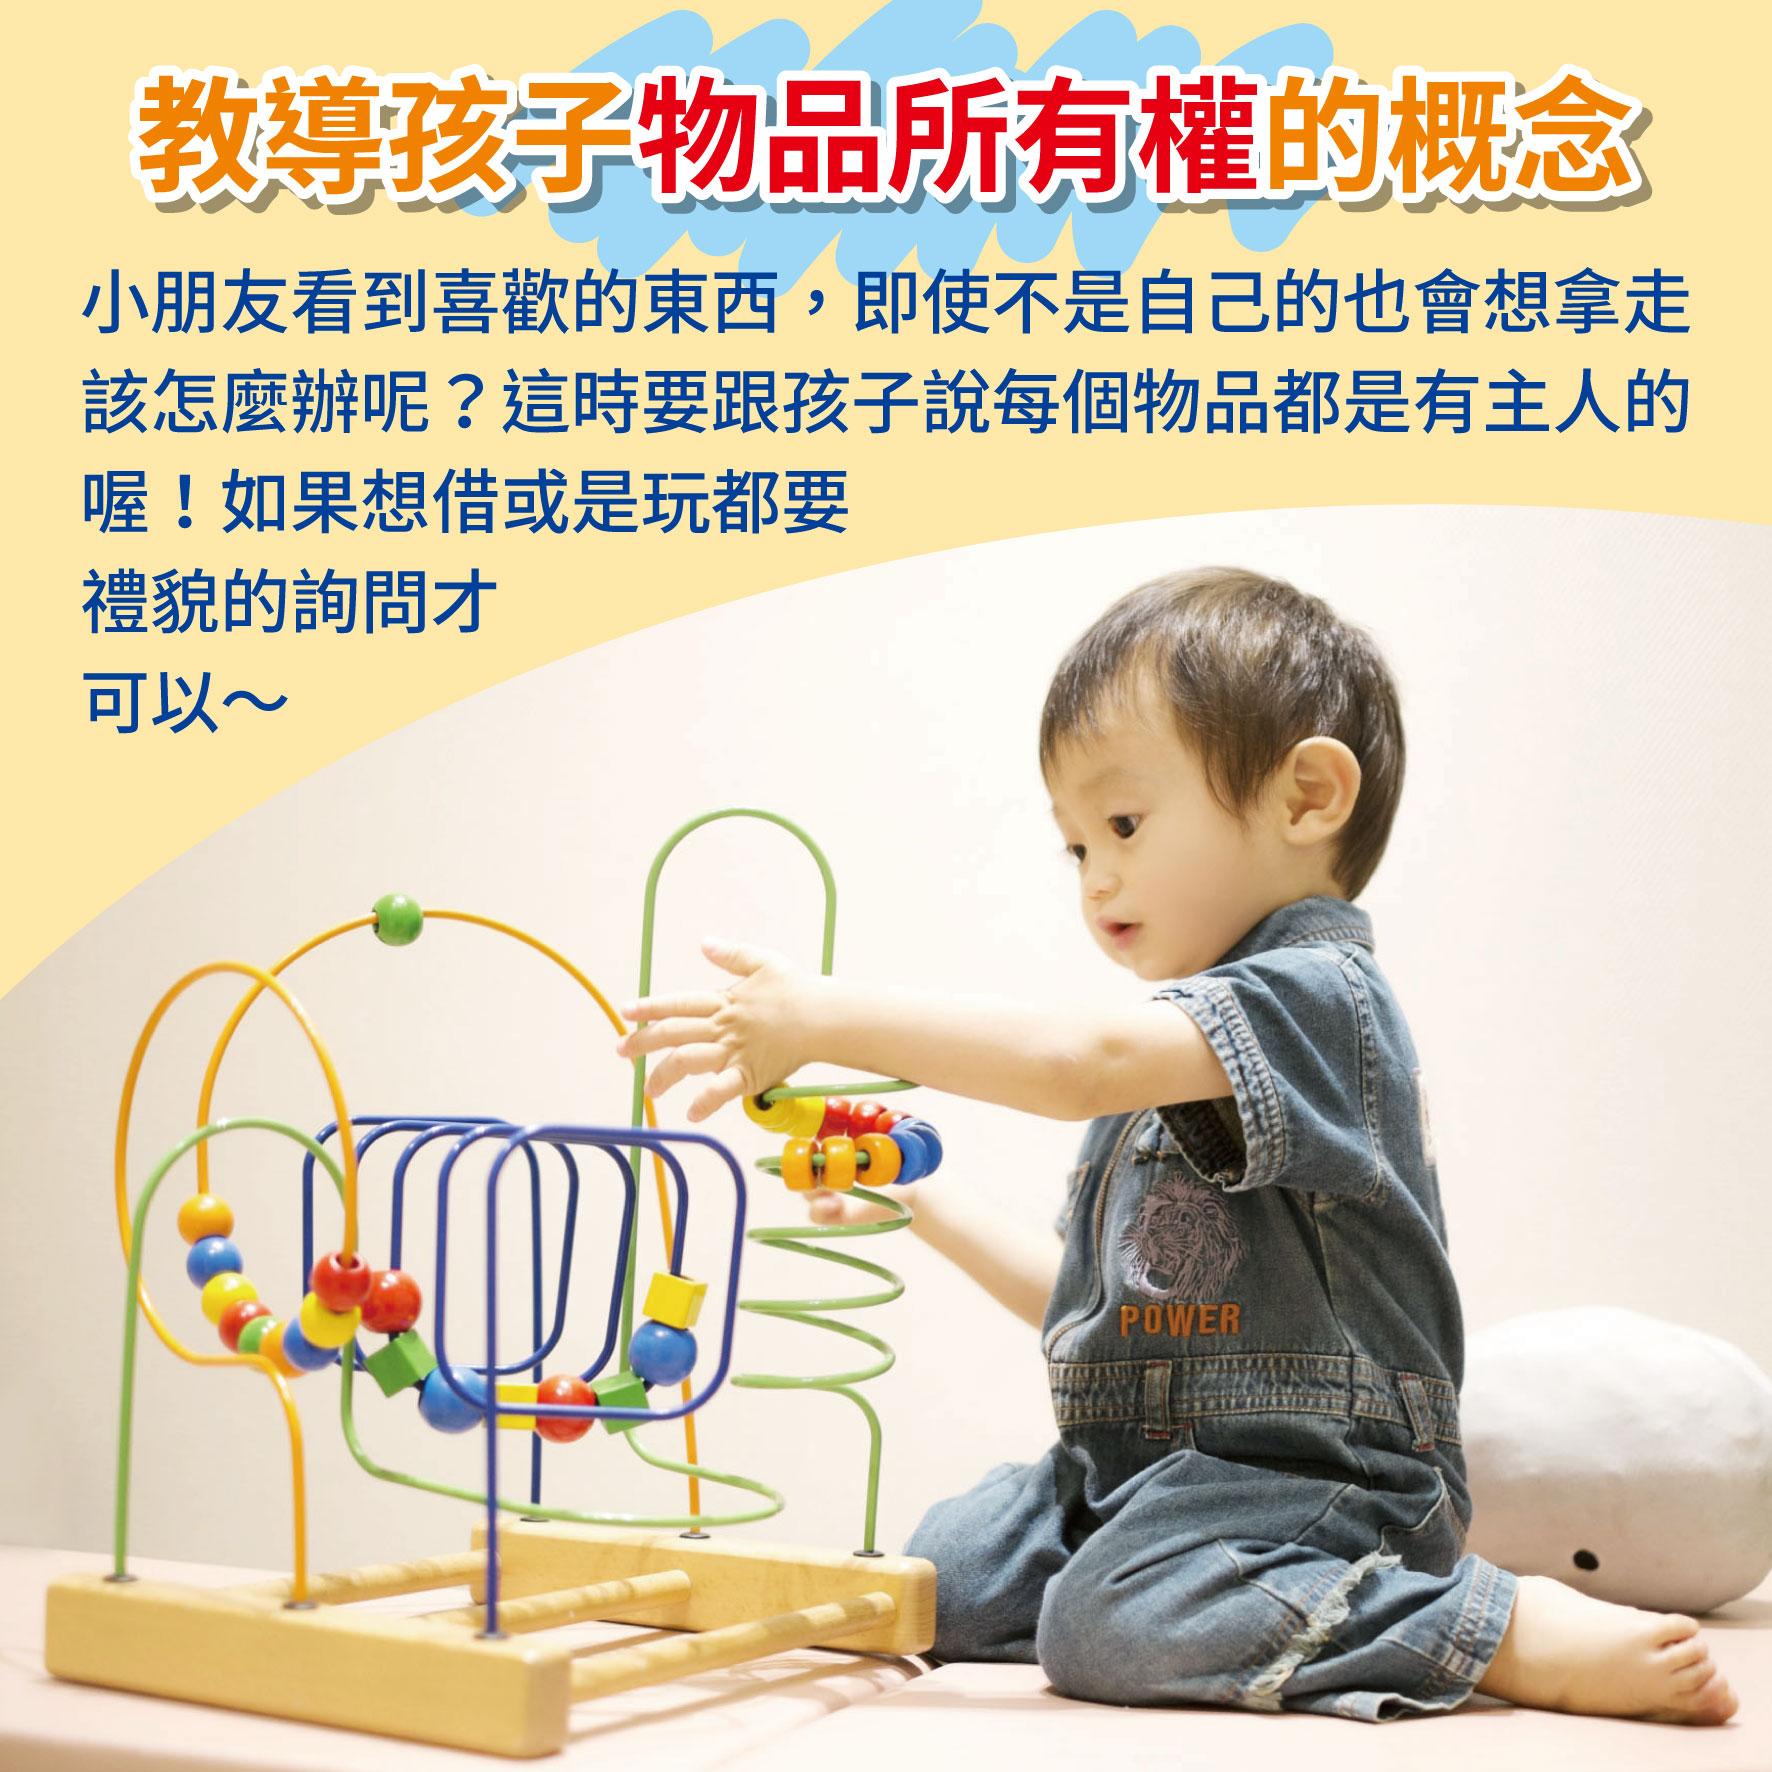 幼兒3歲 (第34週)教導孩子物品所有權的概念